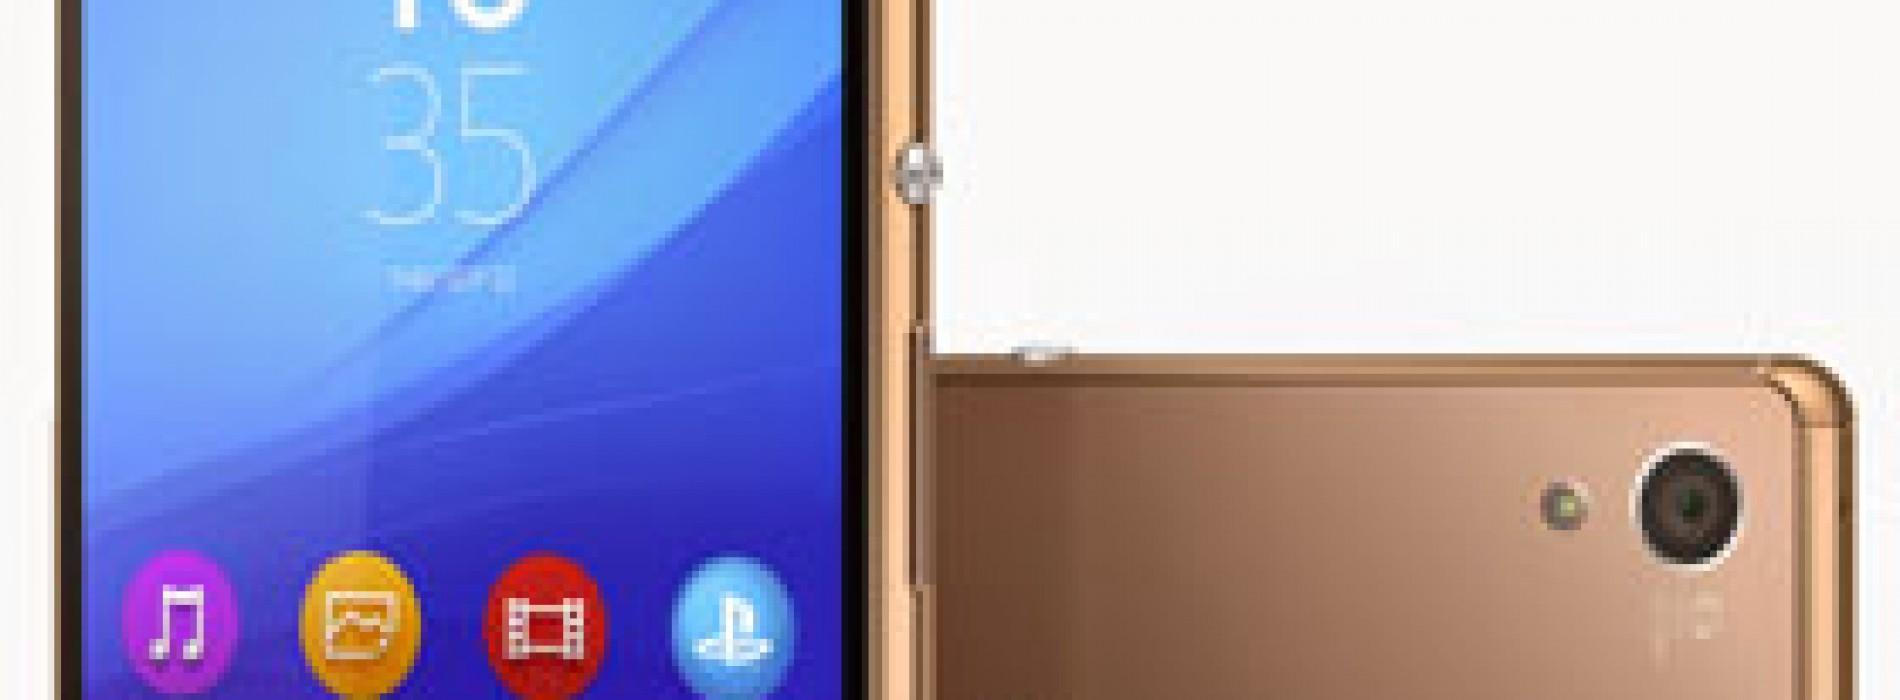 Nuevo Xperia Z3 complemento de alta calidad para la serie Xperia